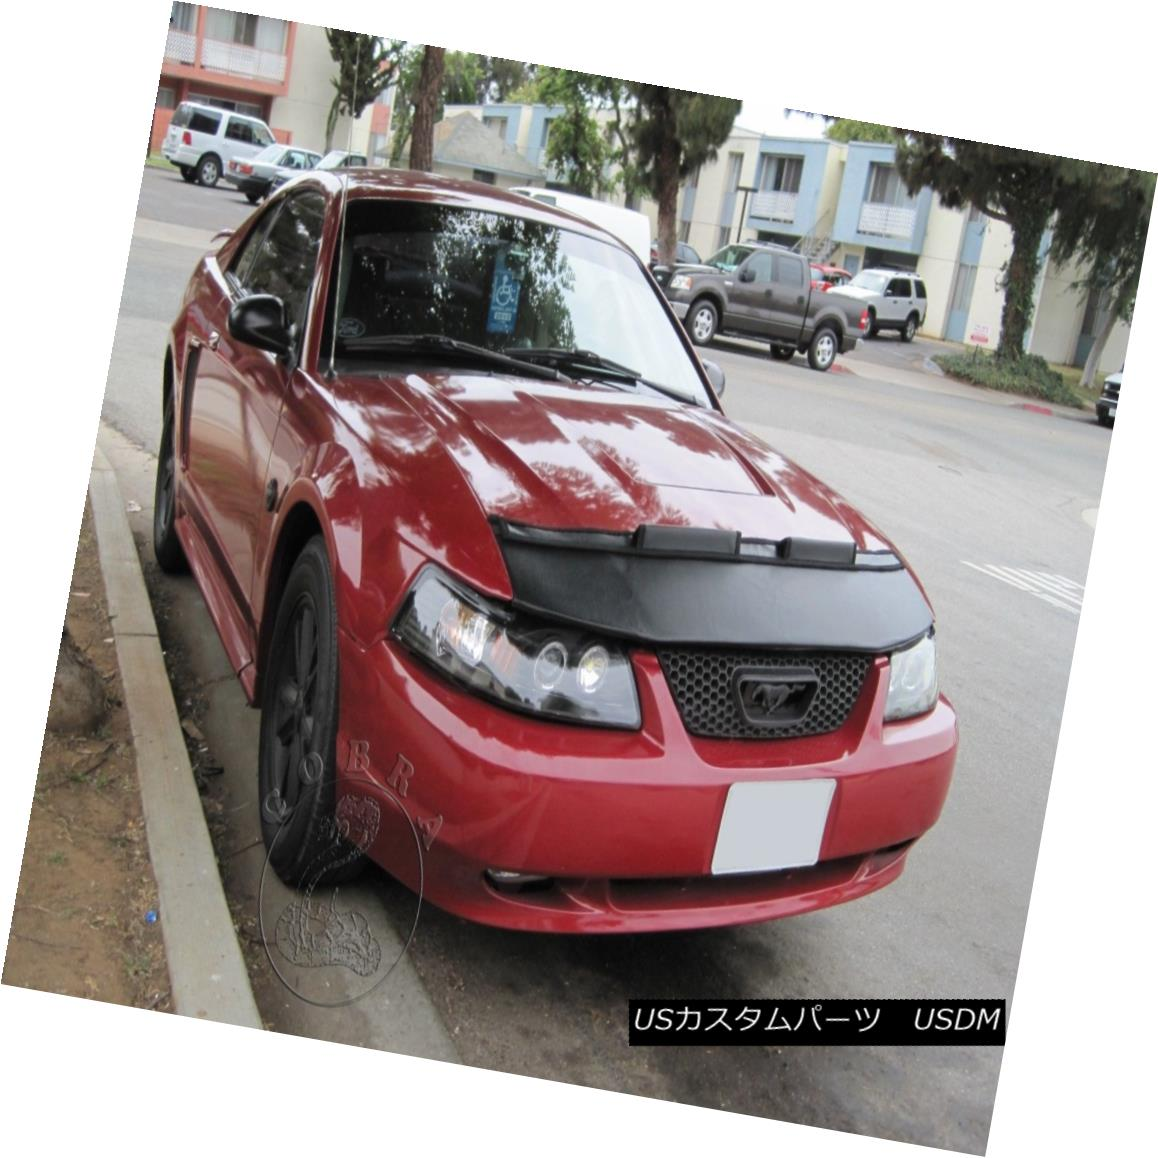 ノーズブラ 03 2000 FORD Bra Mask 1999 04 MUSTANG カー・ボンネット・フードブラ・マスク・フィットFORD 01 Fits フルブラ Bonnet Hood 02 01 MUSTANG 2000 04 Car 03 1999 02